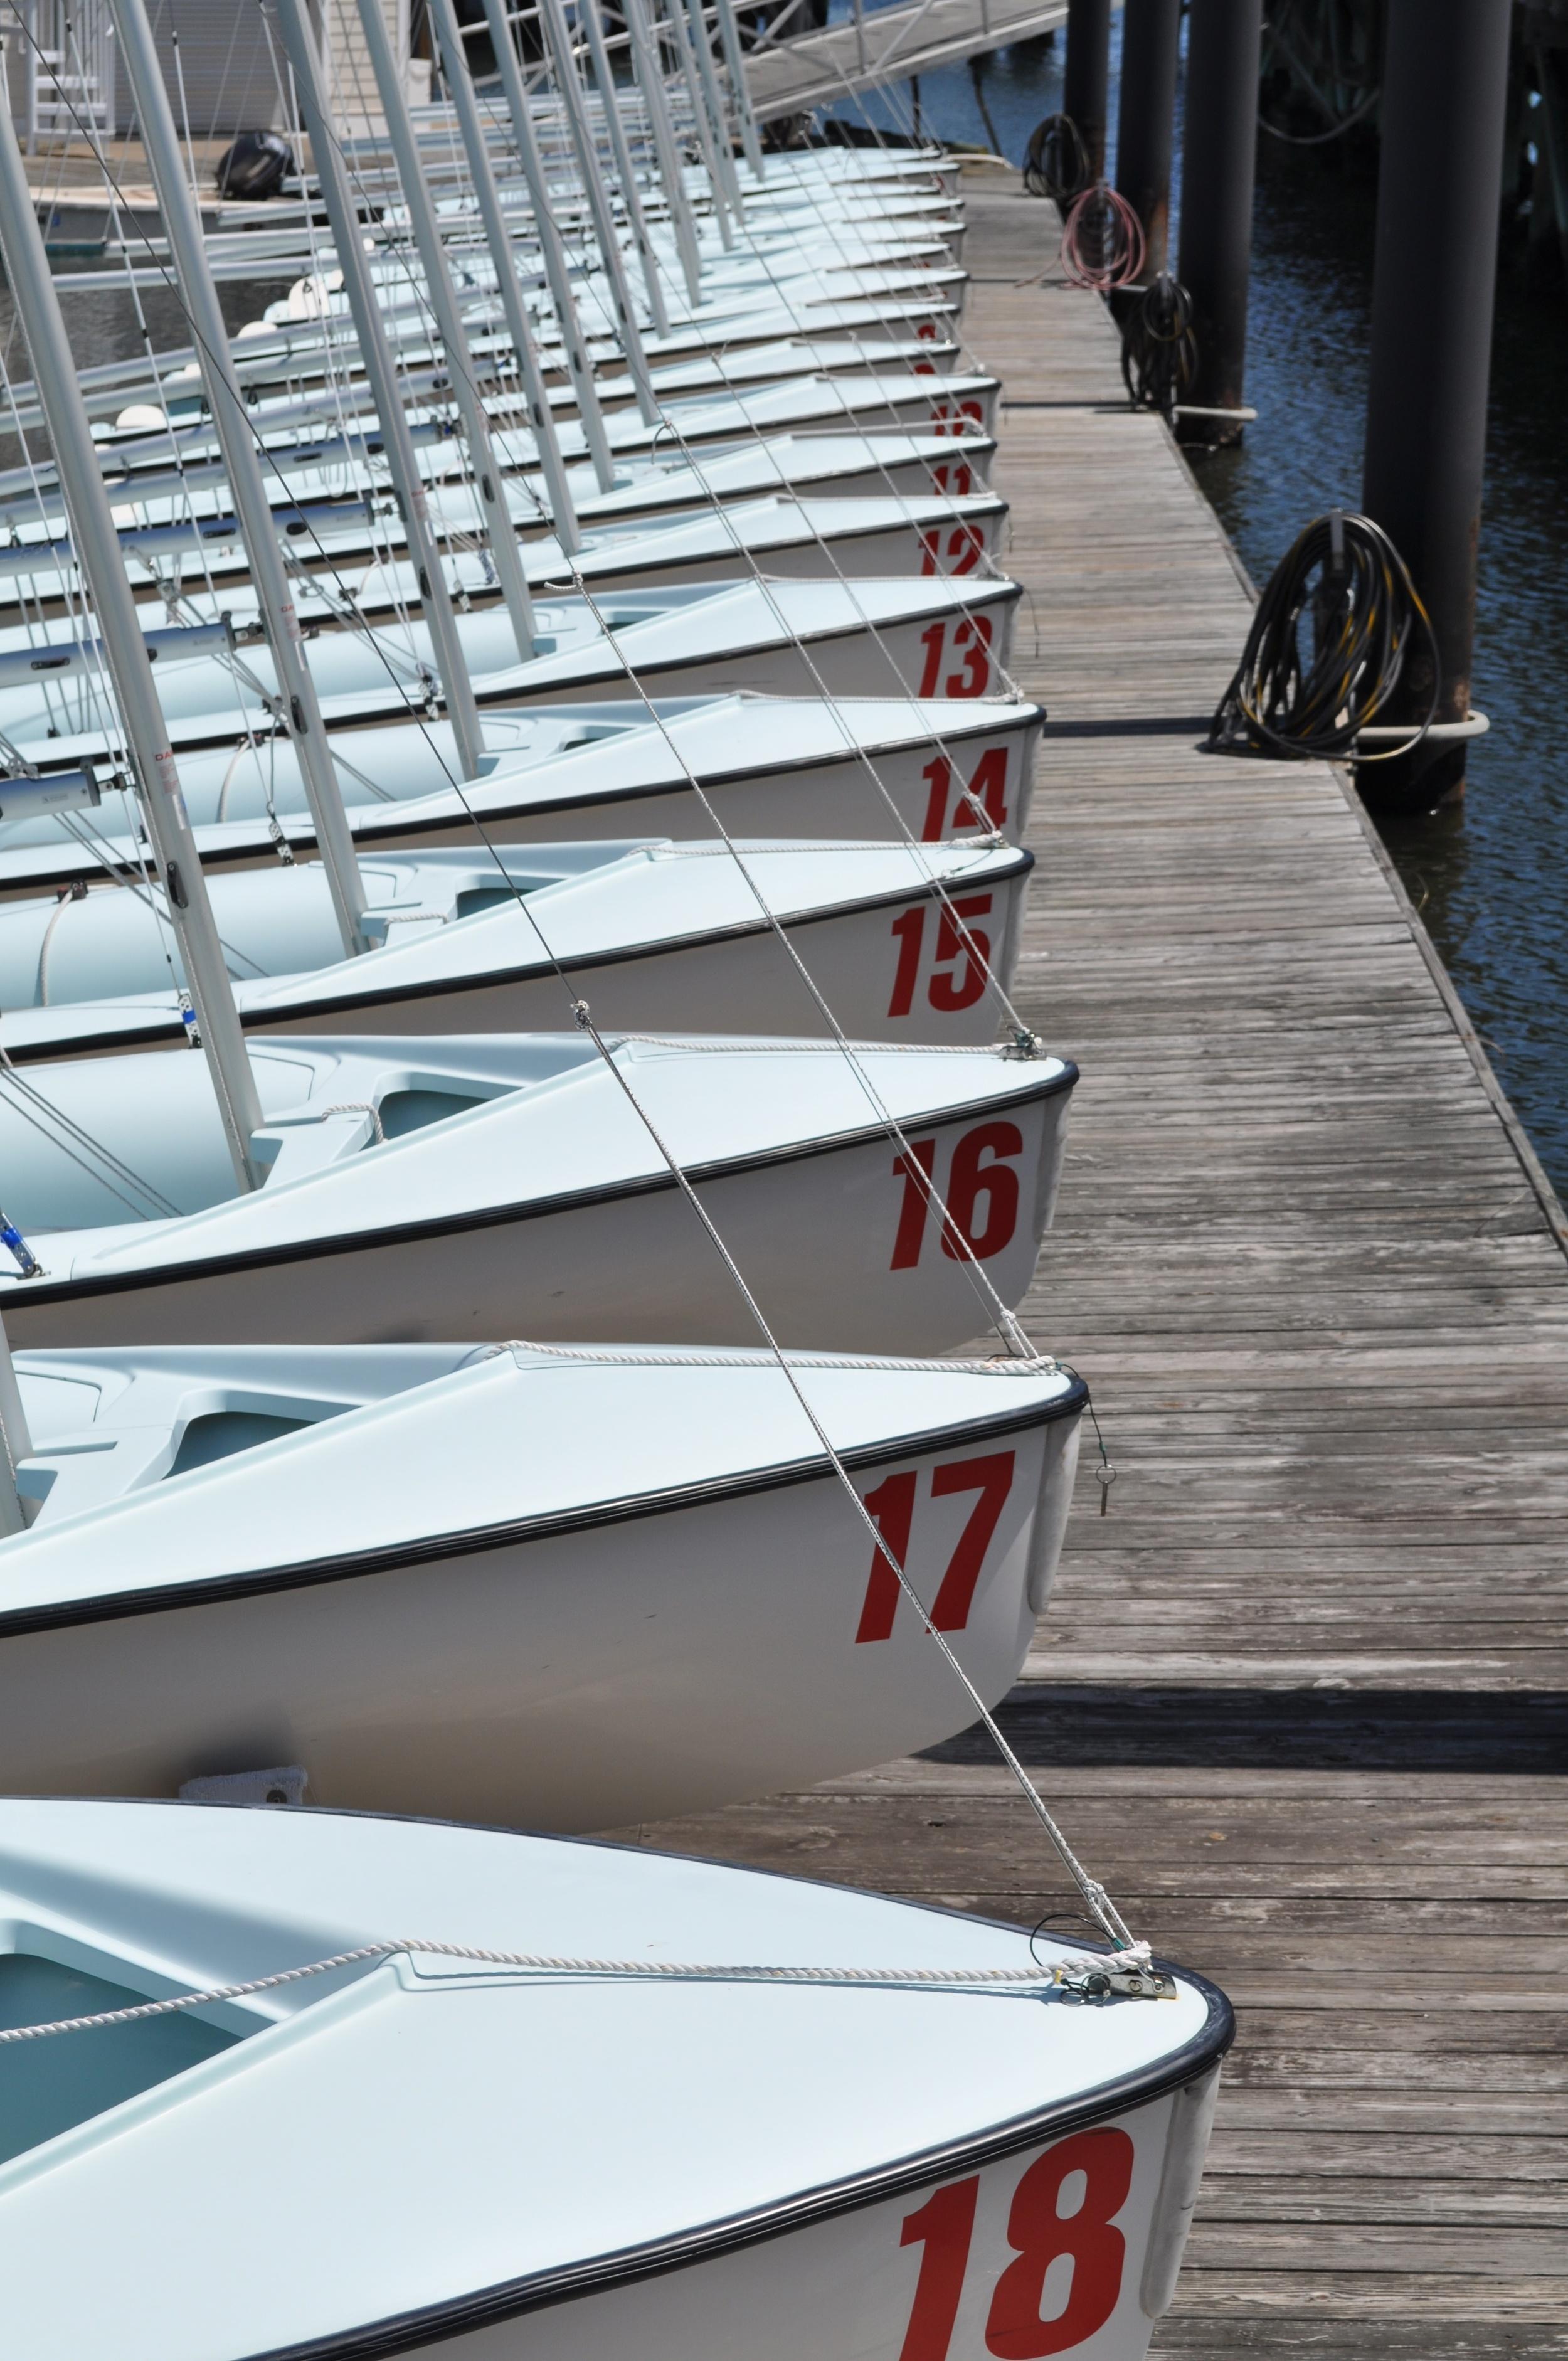 Sailboats In Waiting 2